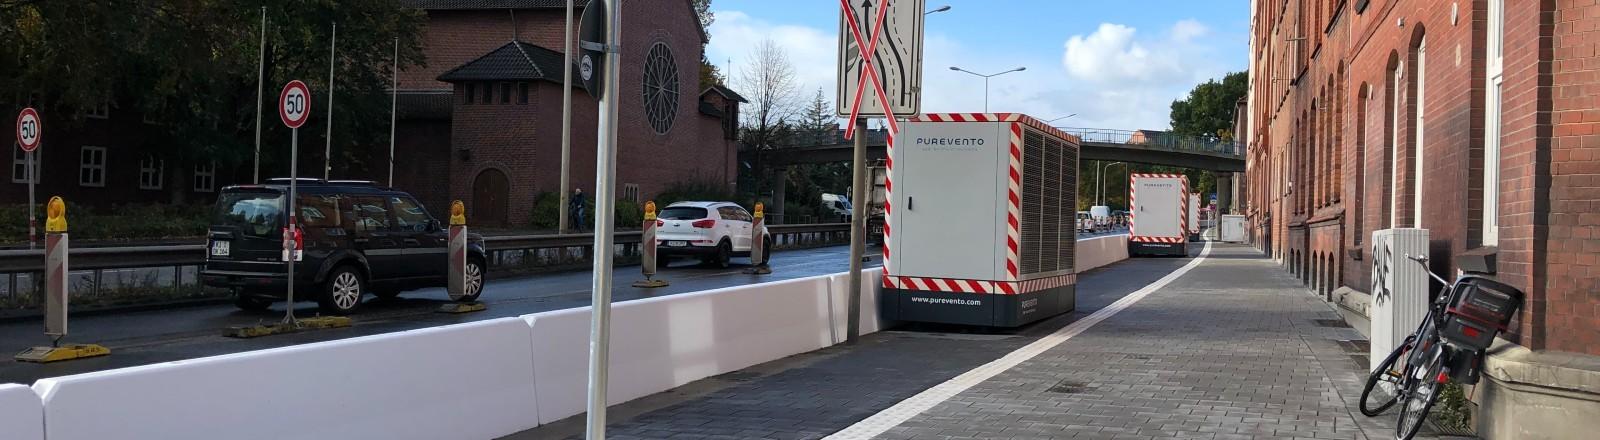 Eine Straße in Kiel mit Luftreinigern